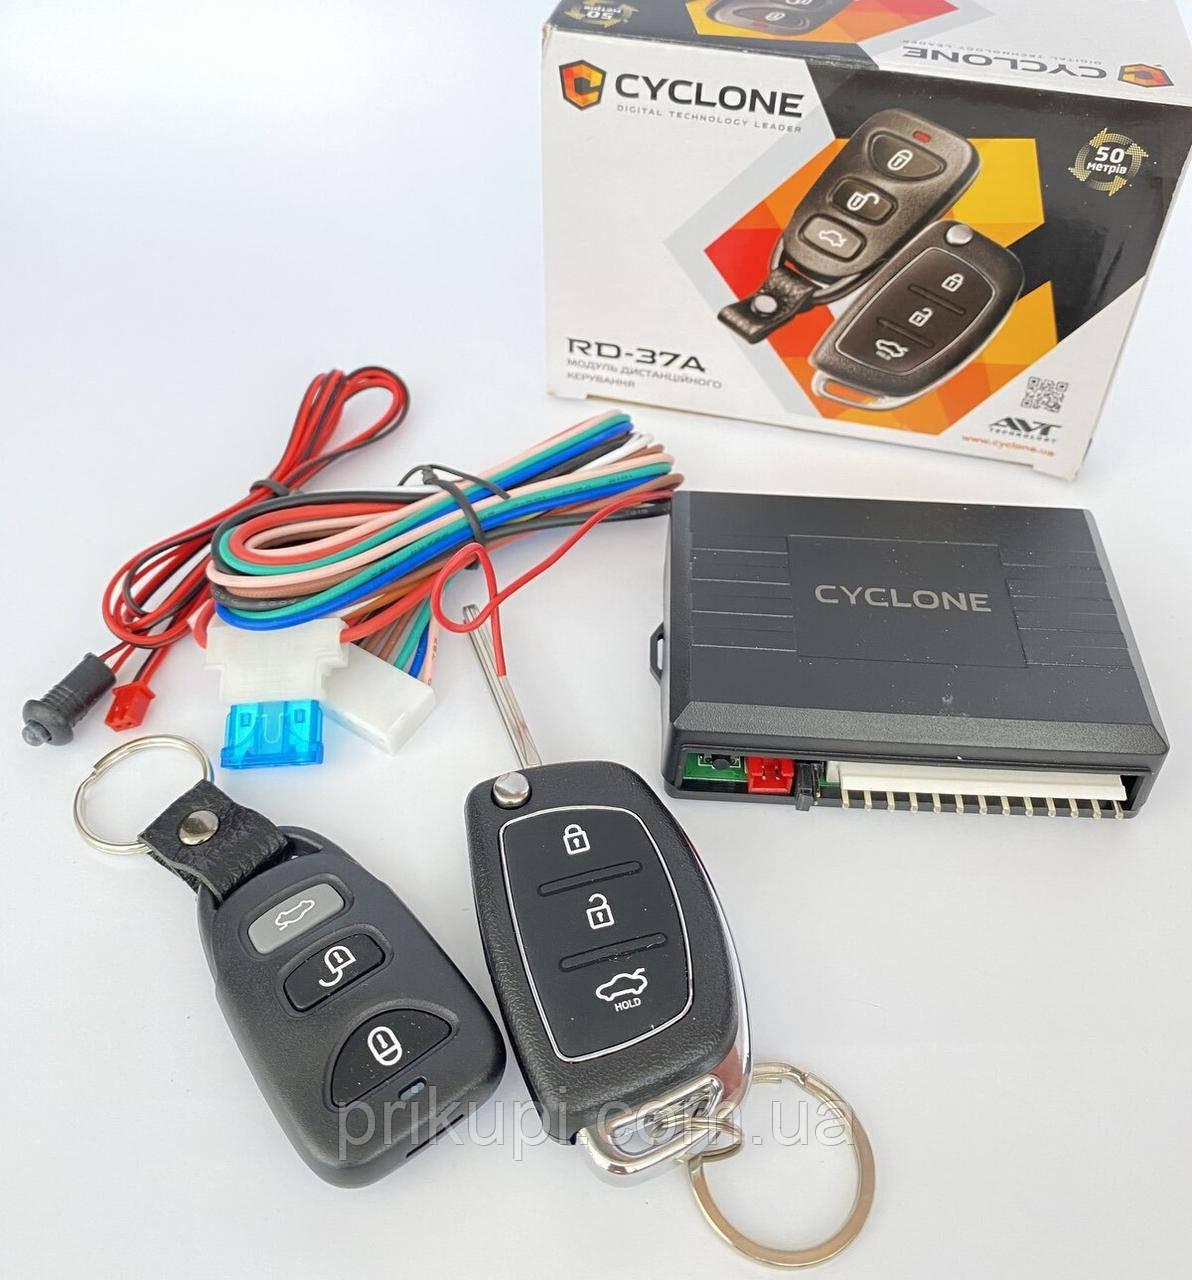 Дистанційне управління центральним замком Cyclone RD-37A (викиди ключ/вих на багажник/сирену)